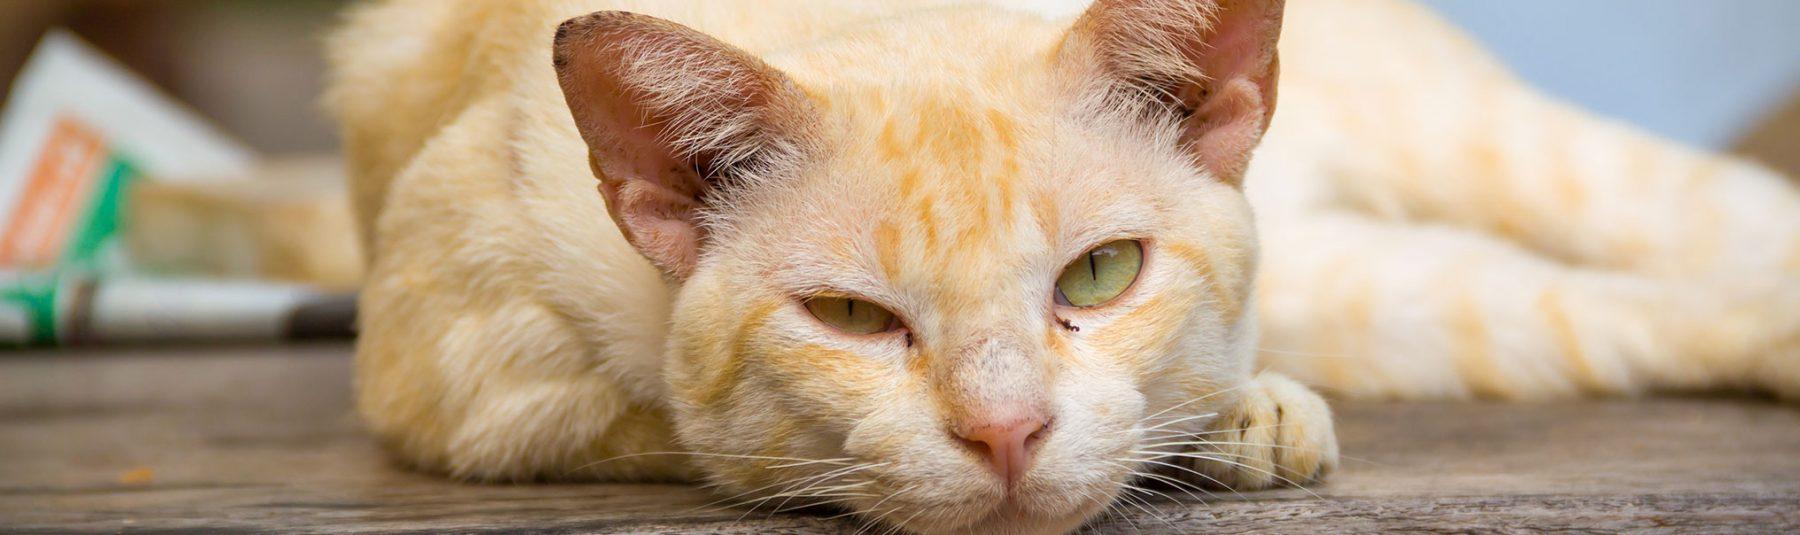 cat-senior-care